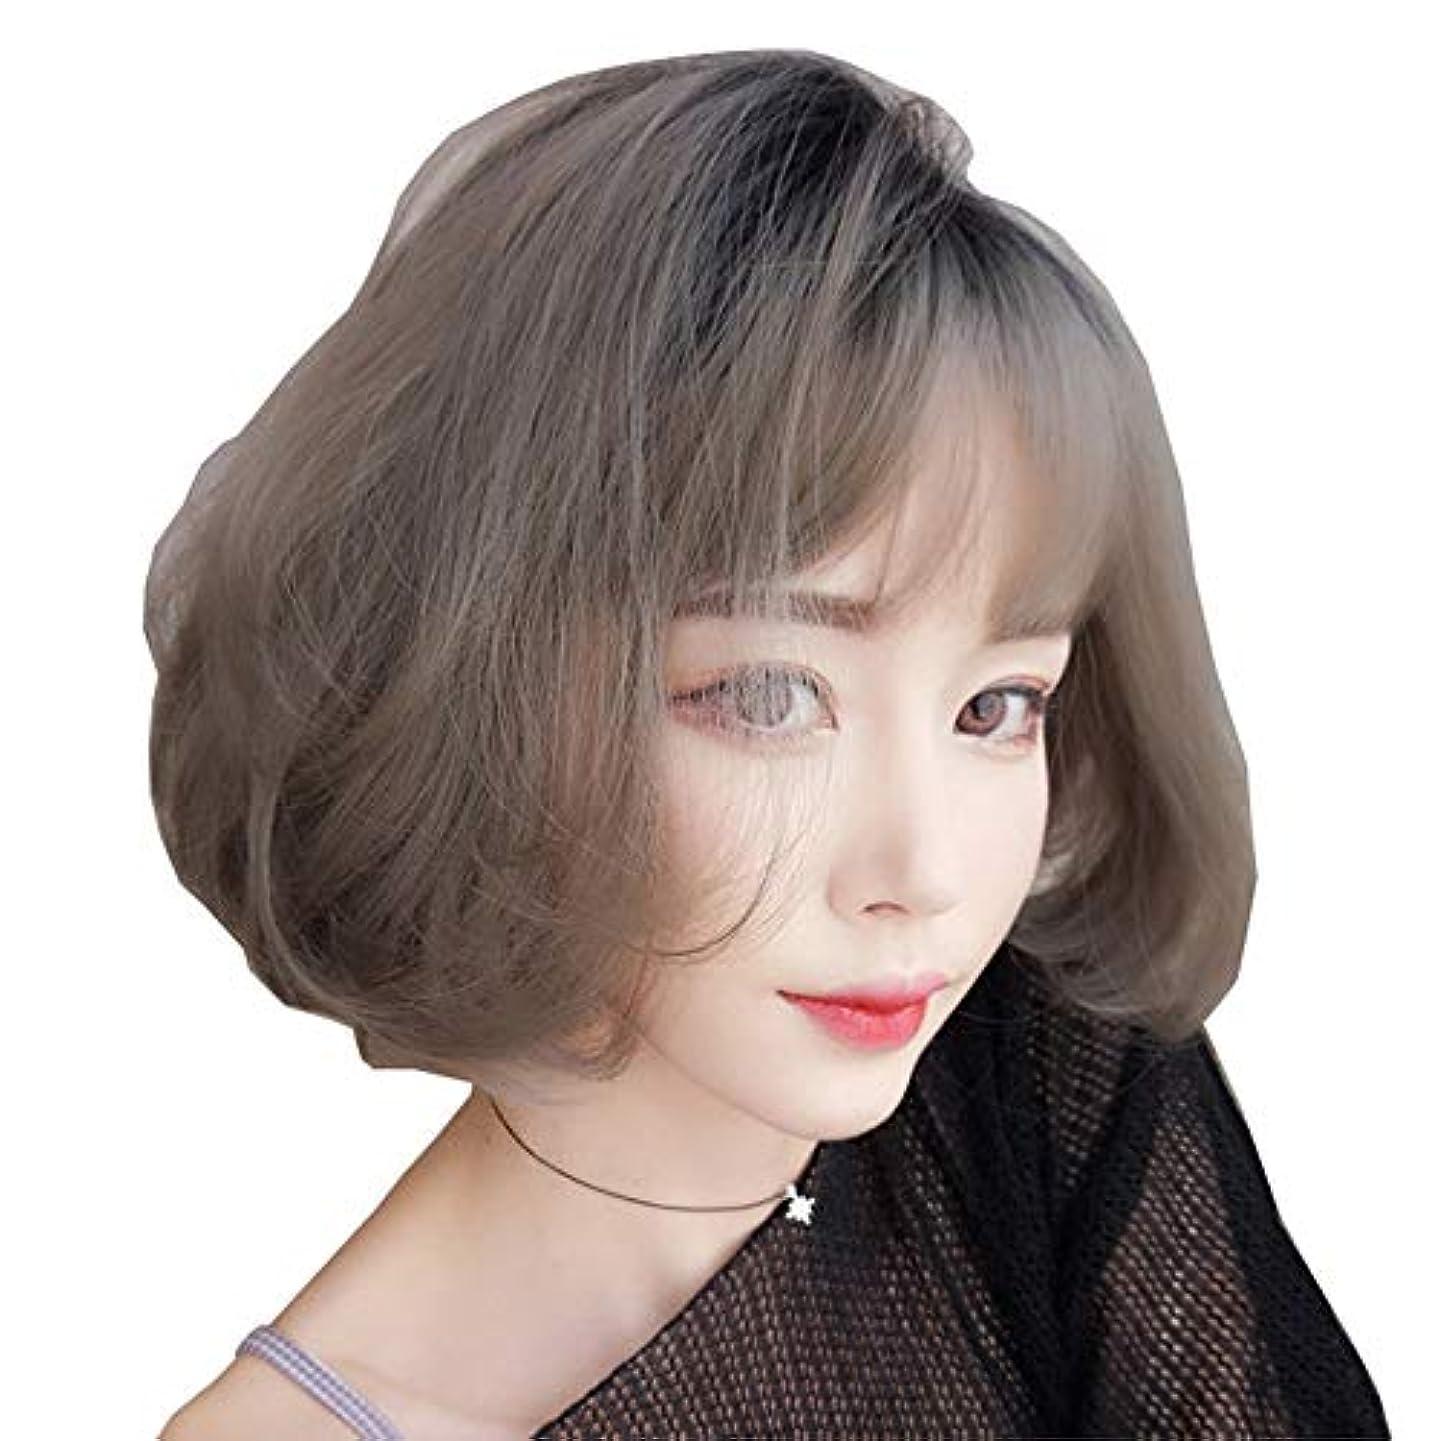 SRY-Wigファッション グレーショートウィッグボブスタイルファッションナチュラルストレート合成グレーレディースウィッグ前髪付き10インチソフトヘアグレーウィッグ